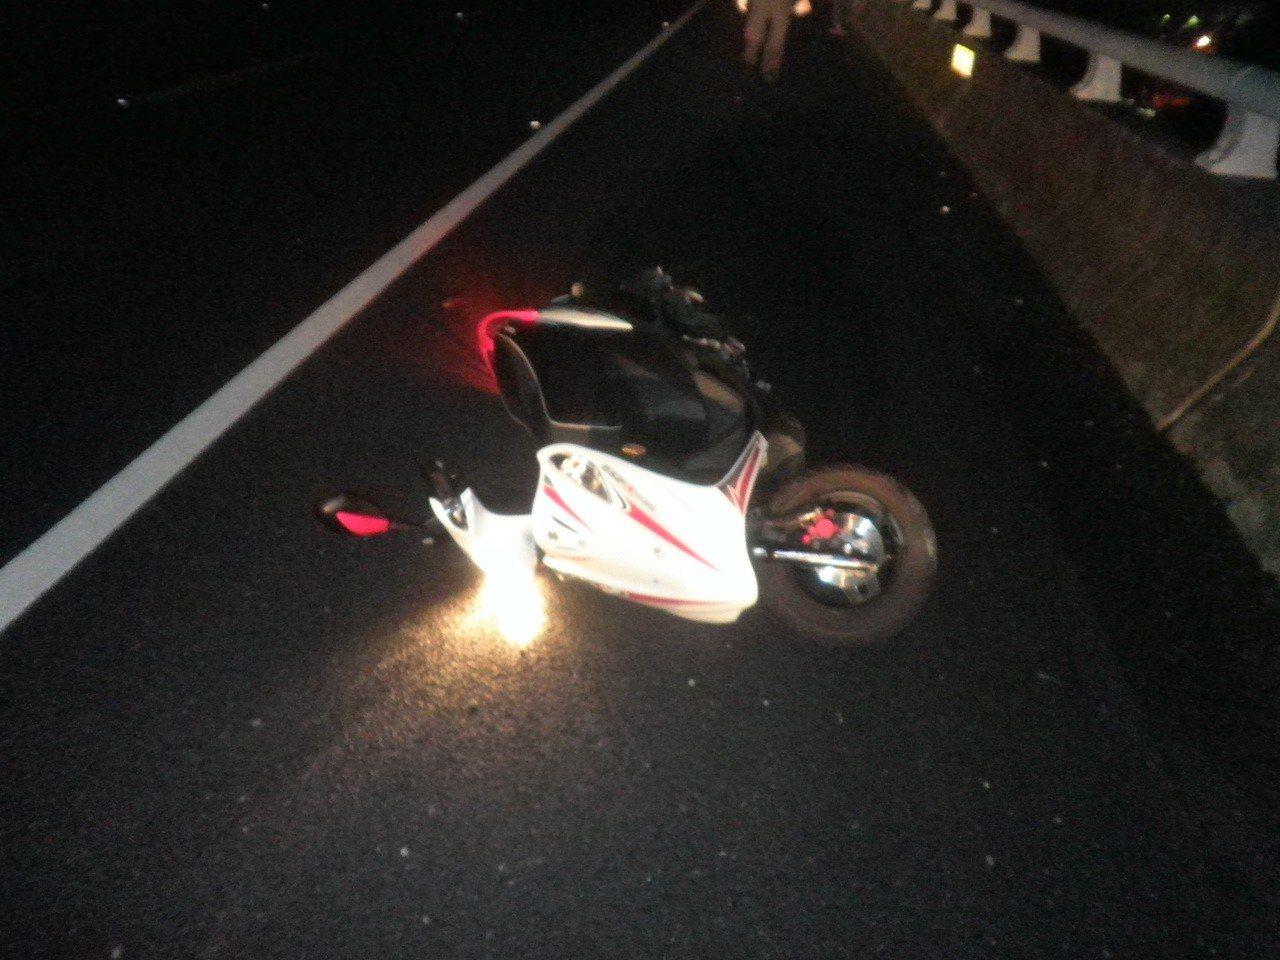 林姓少年今凌晨騎上國道十號逆向行駛,與貨車擦撞倒地死亡。記者林伯驊/翻攝